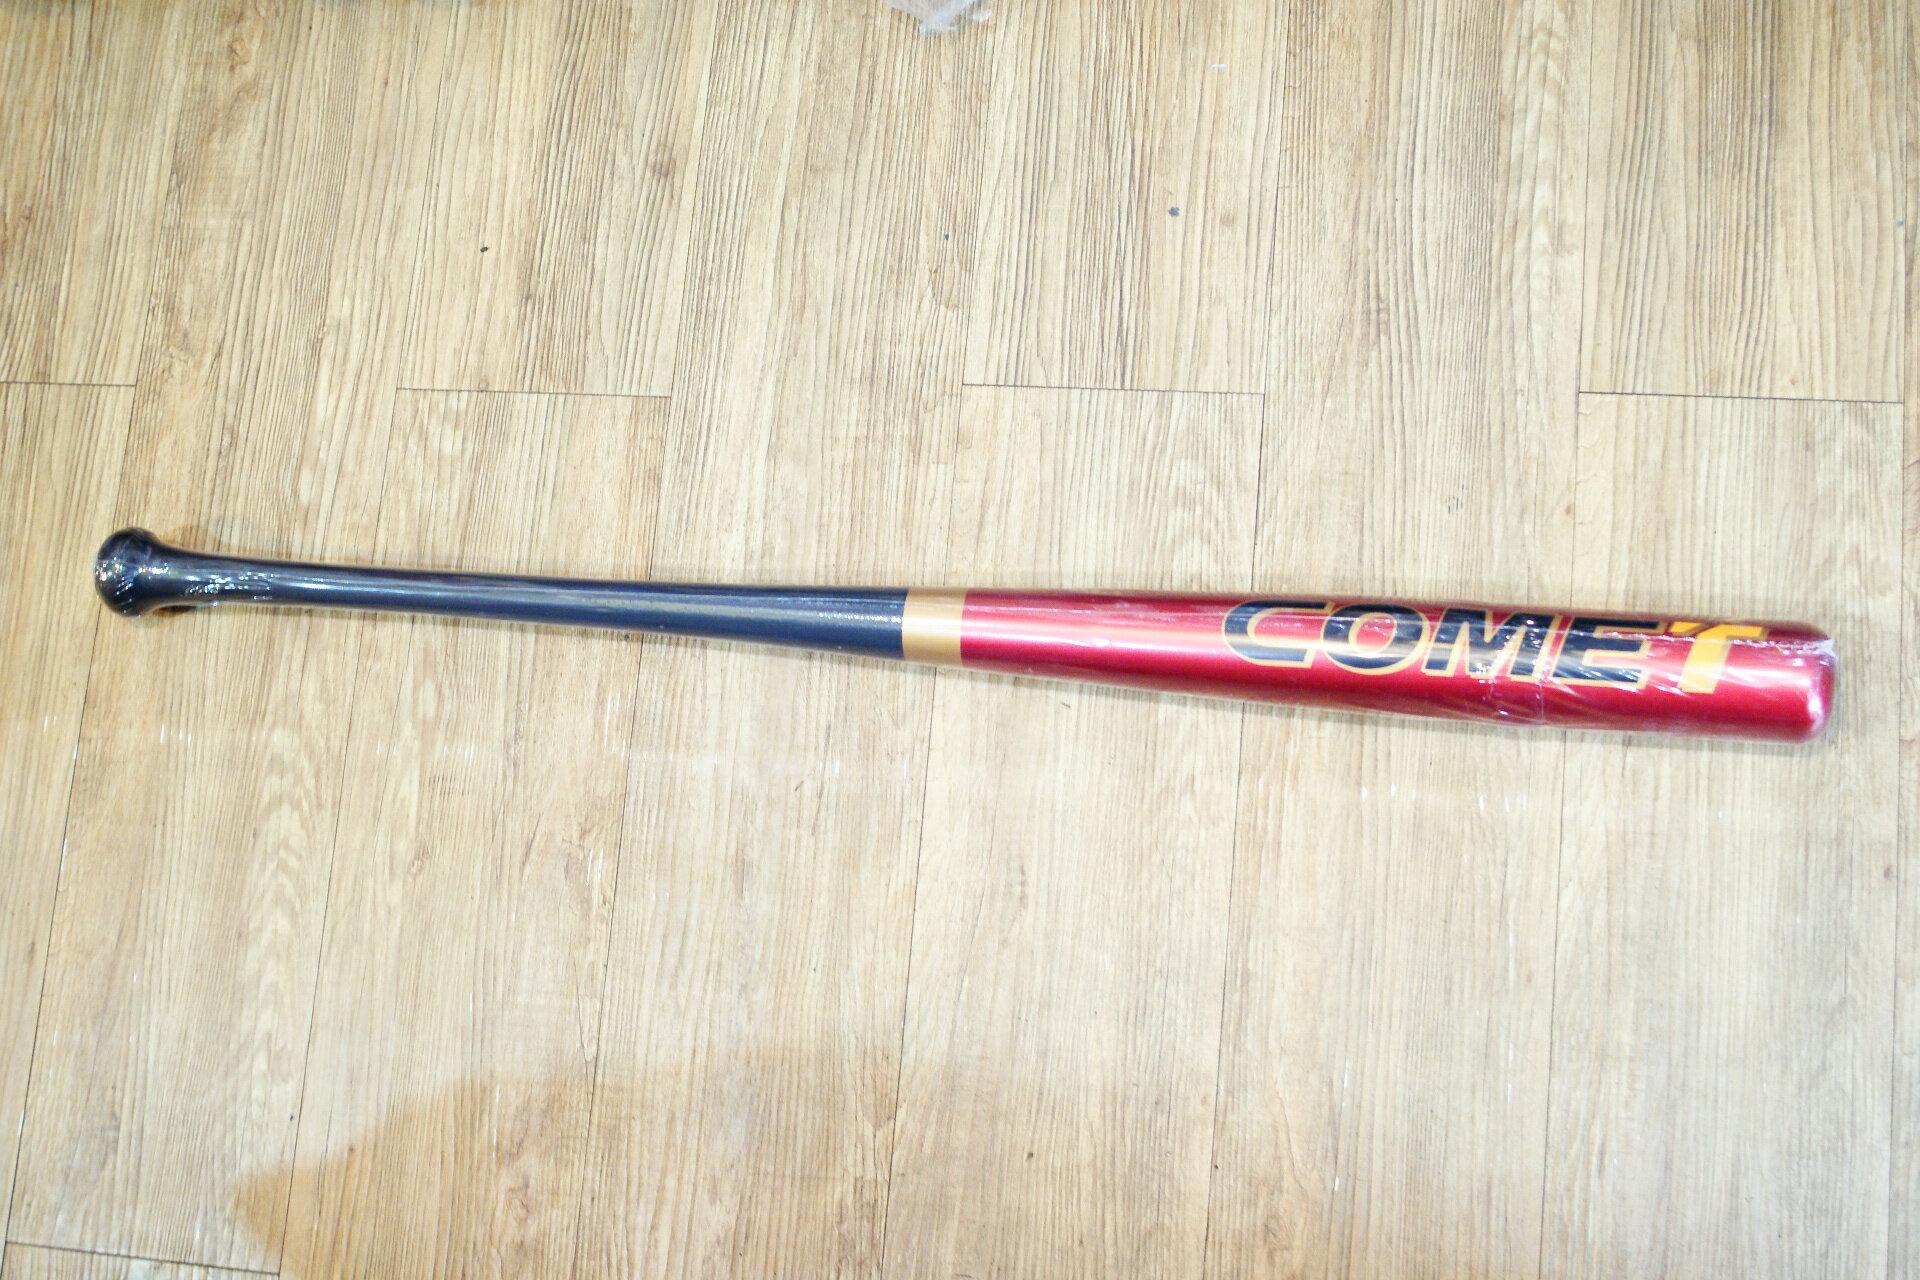 棒球世界 全新COMET order 北美硬楓木壘球棒 特價   紅黑配色